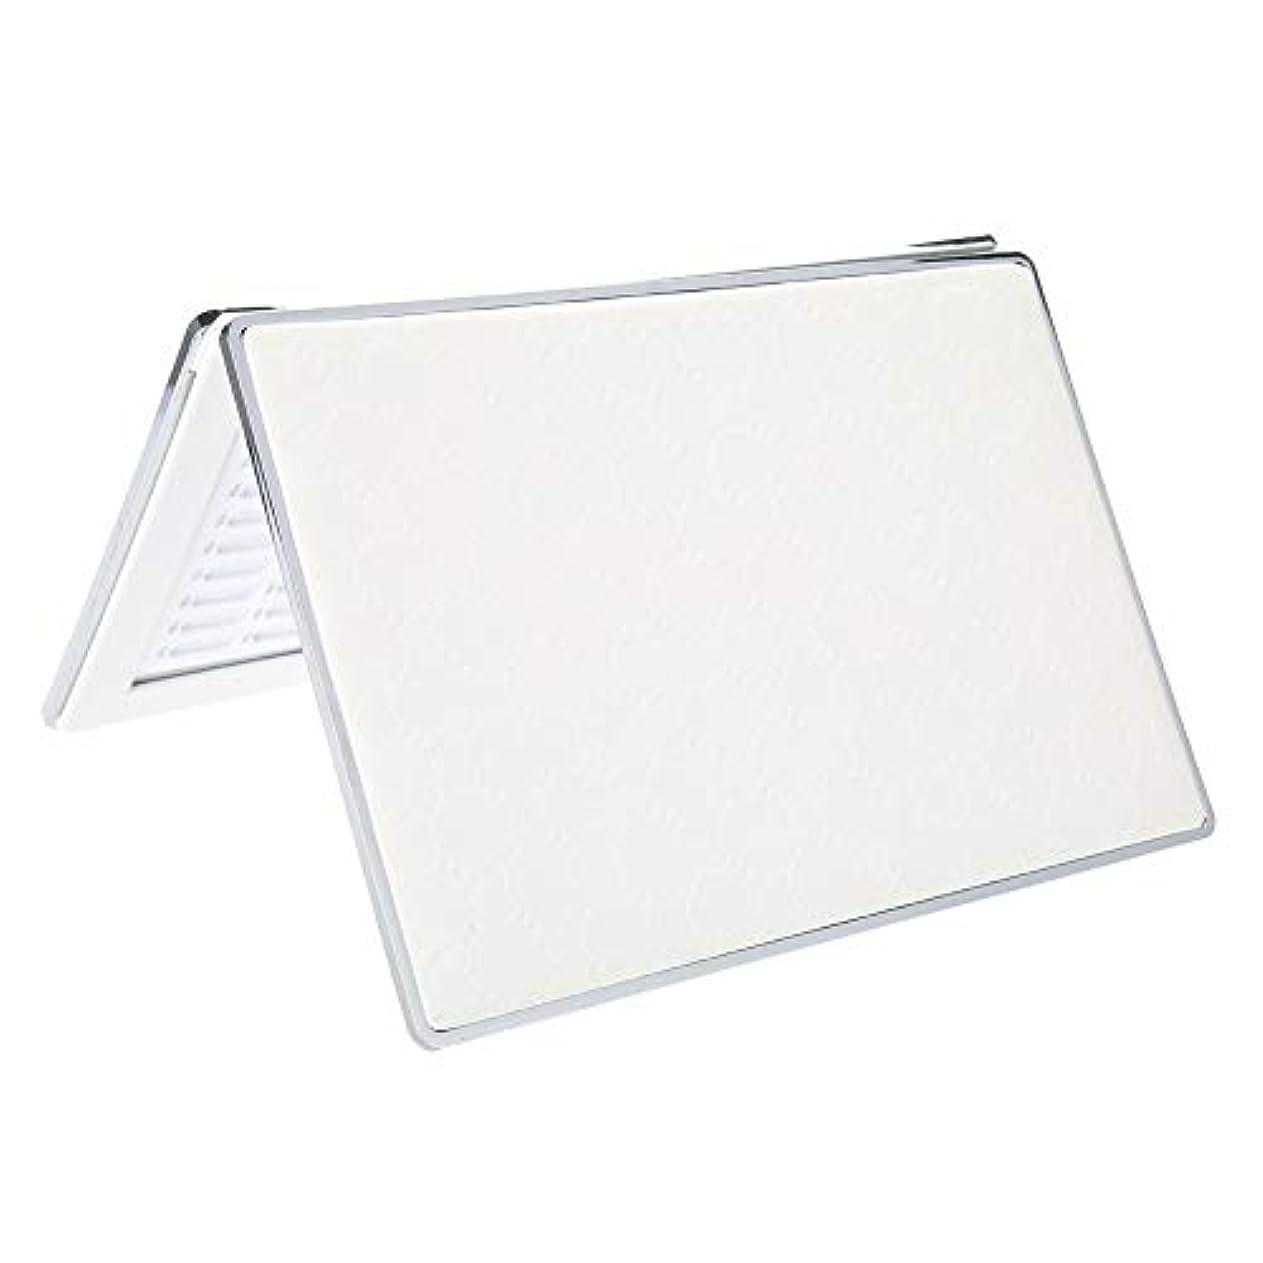 軽減六分儀素敵なネイルアートディスプレイ 160色 ディスプレイスタンド プラスチック板 ネイルポリッシュカラー ディスプレイ サロン アクセサリー(03)